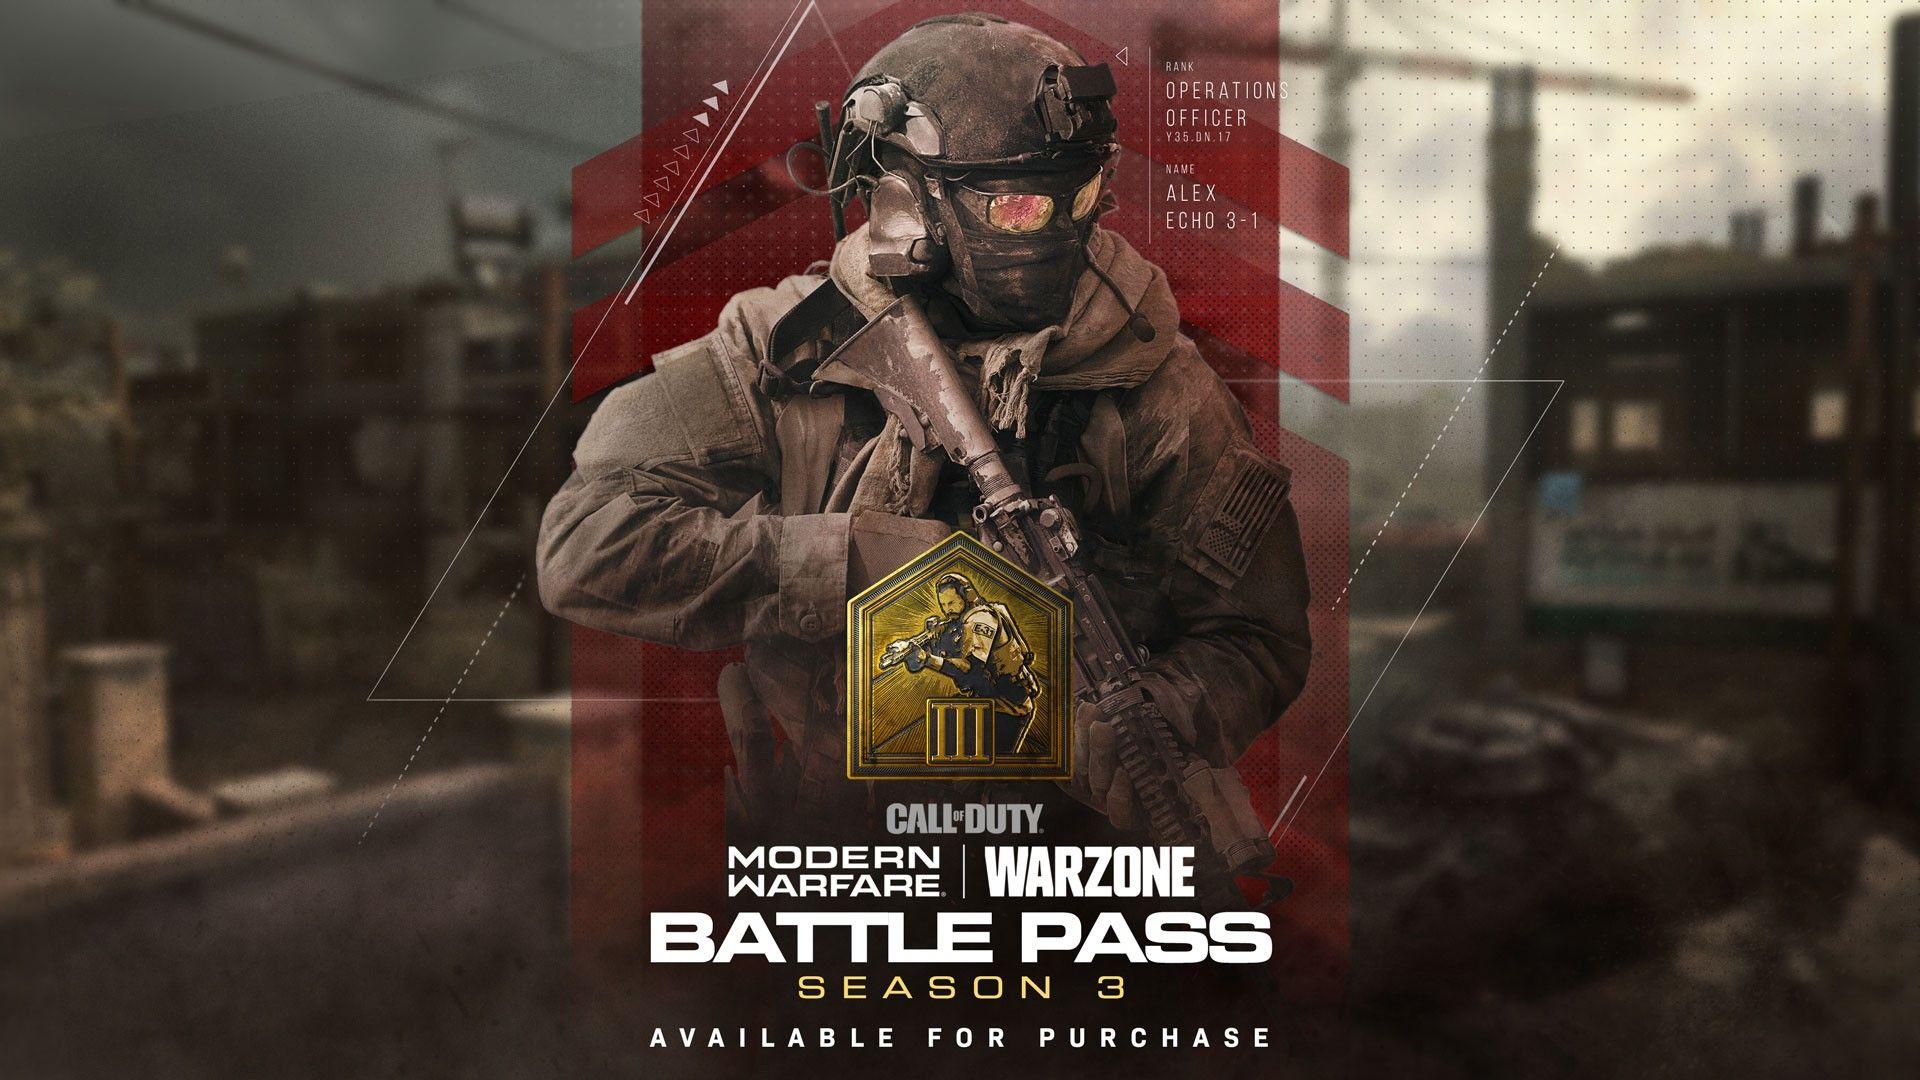 Call Of Duty Modern Warfare 2019 Season 3 Showcase In 2020 Modern Warfare Call Of Duty Warfare